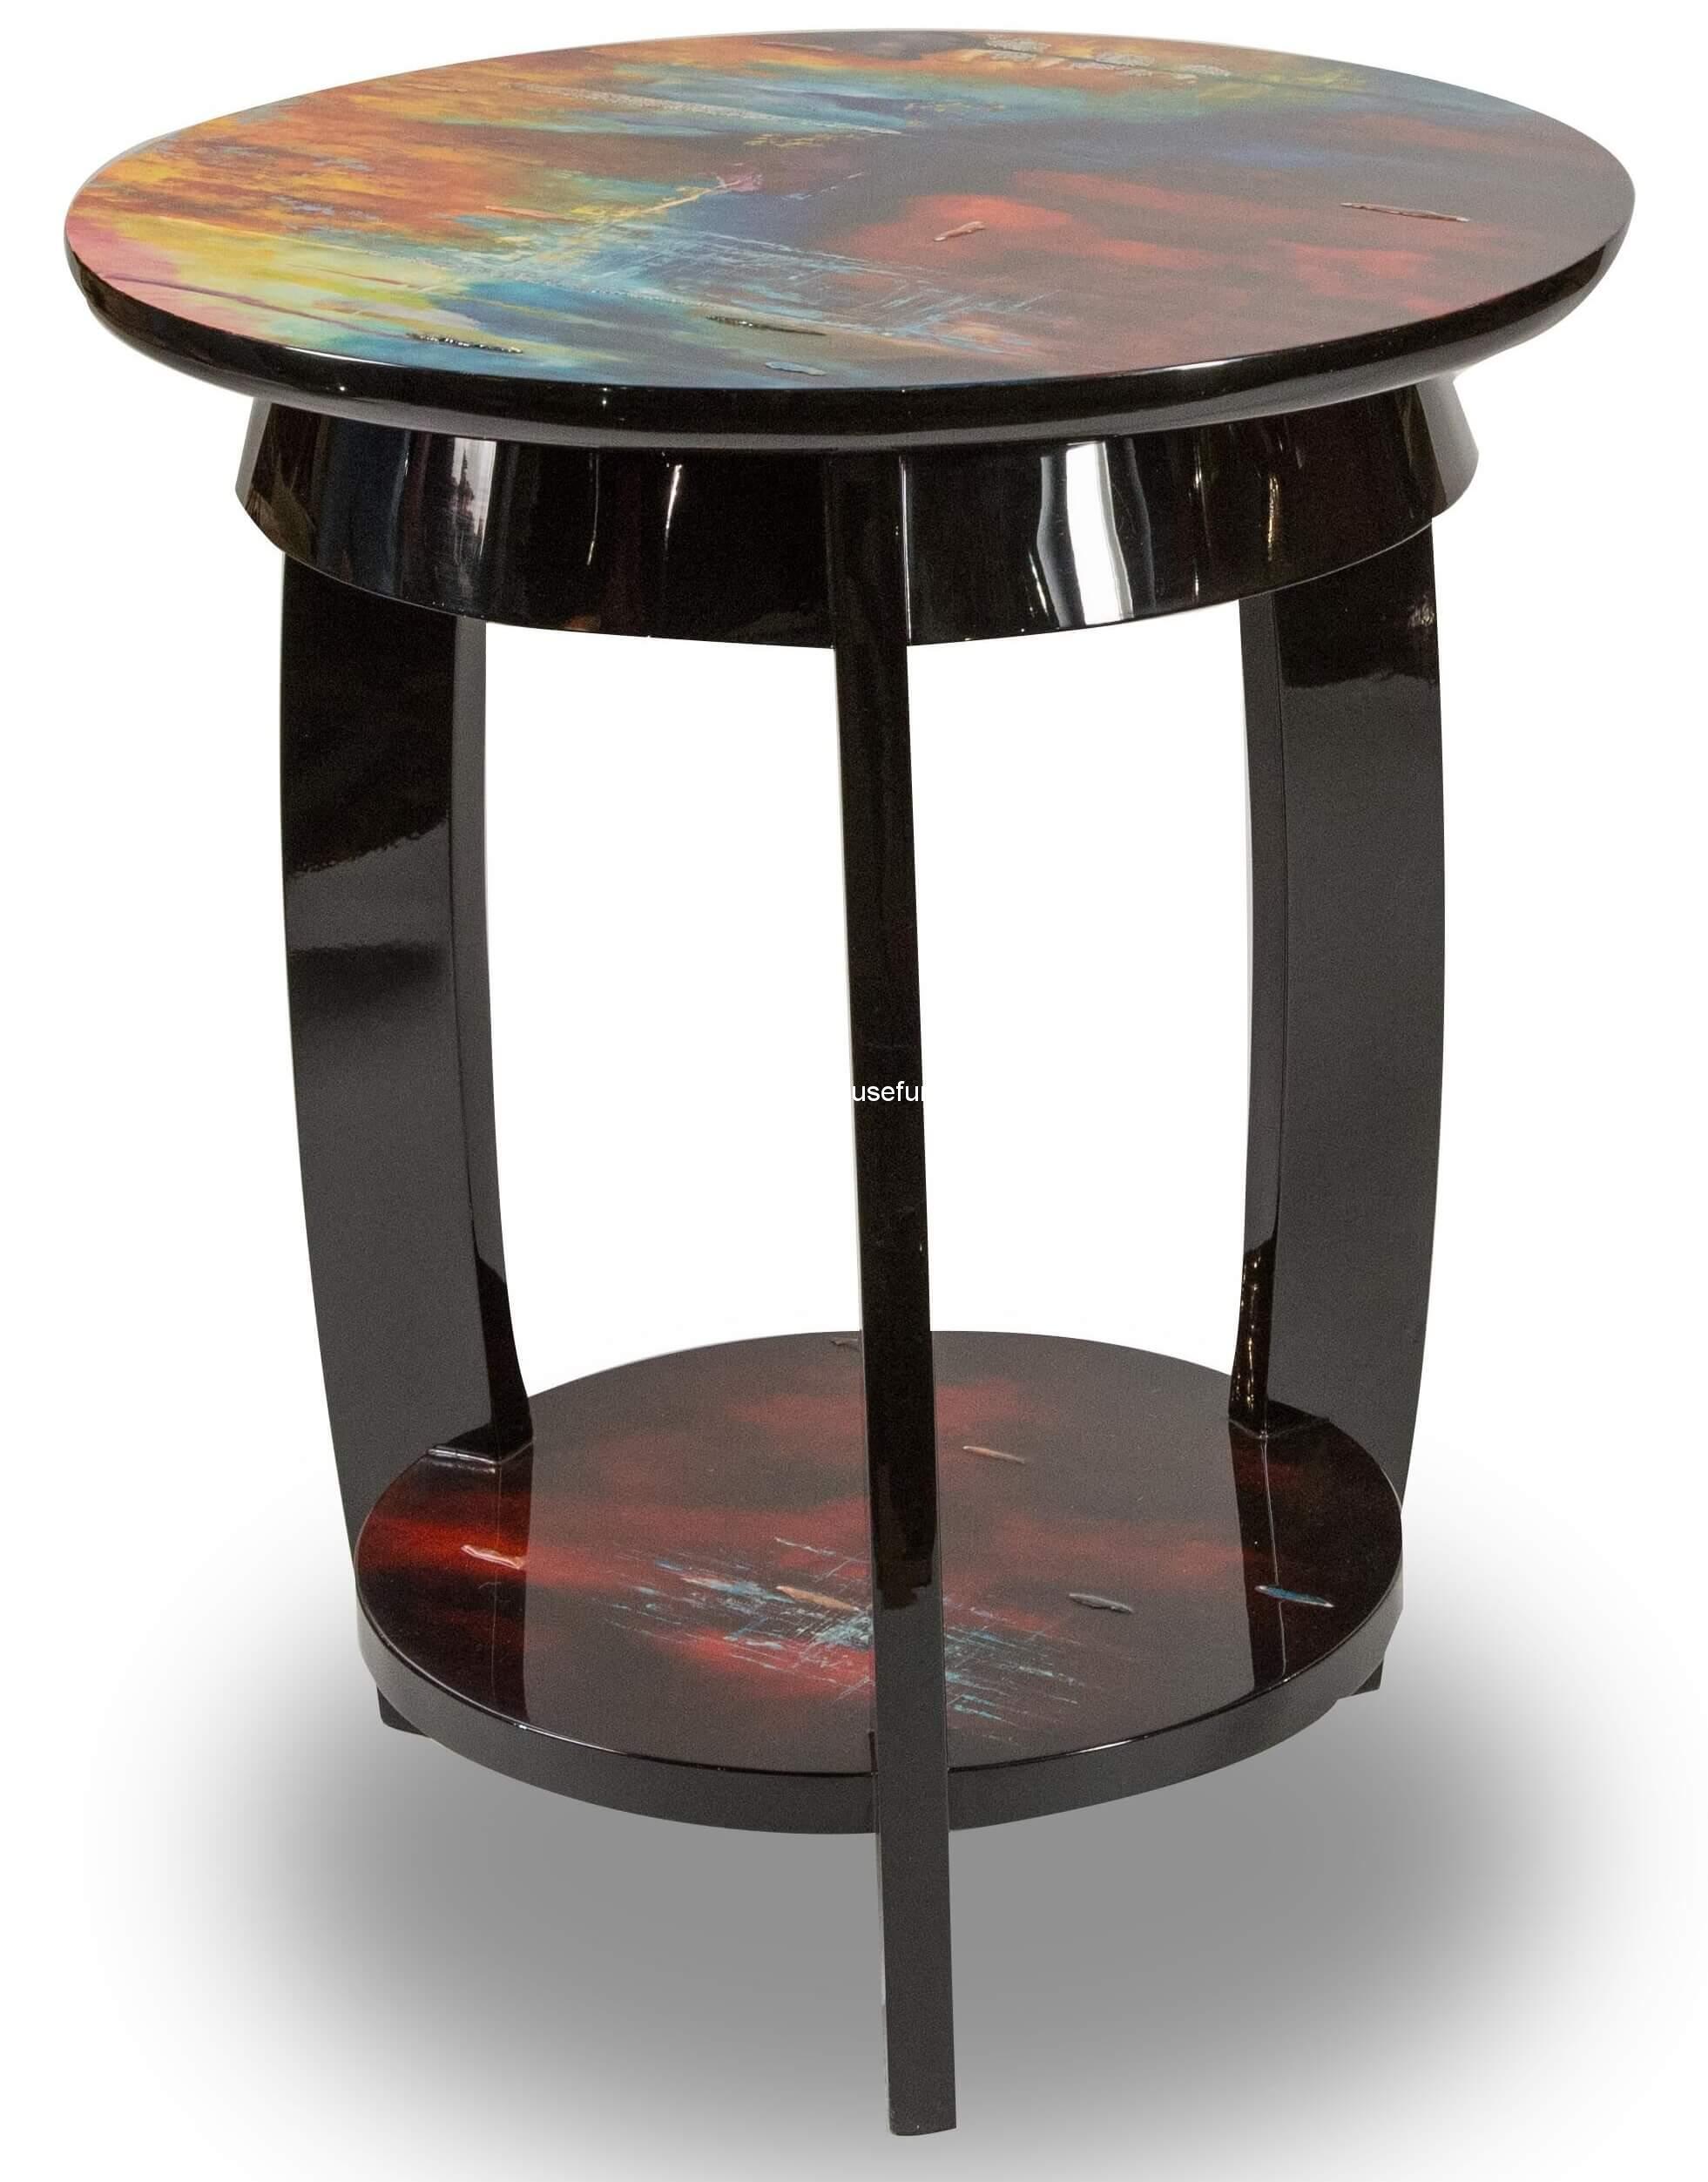 Michael Amini Illusion Accent Round Side Table Fs Ilusn